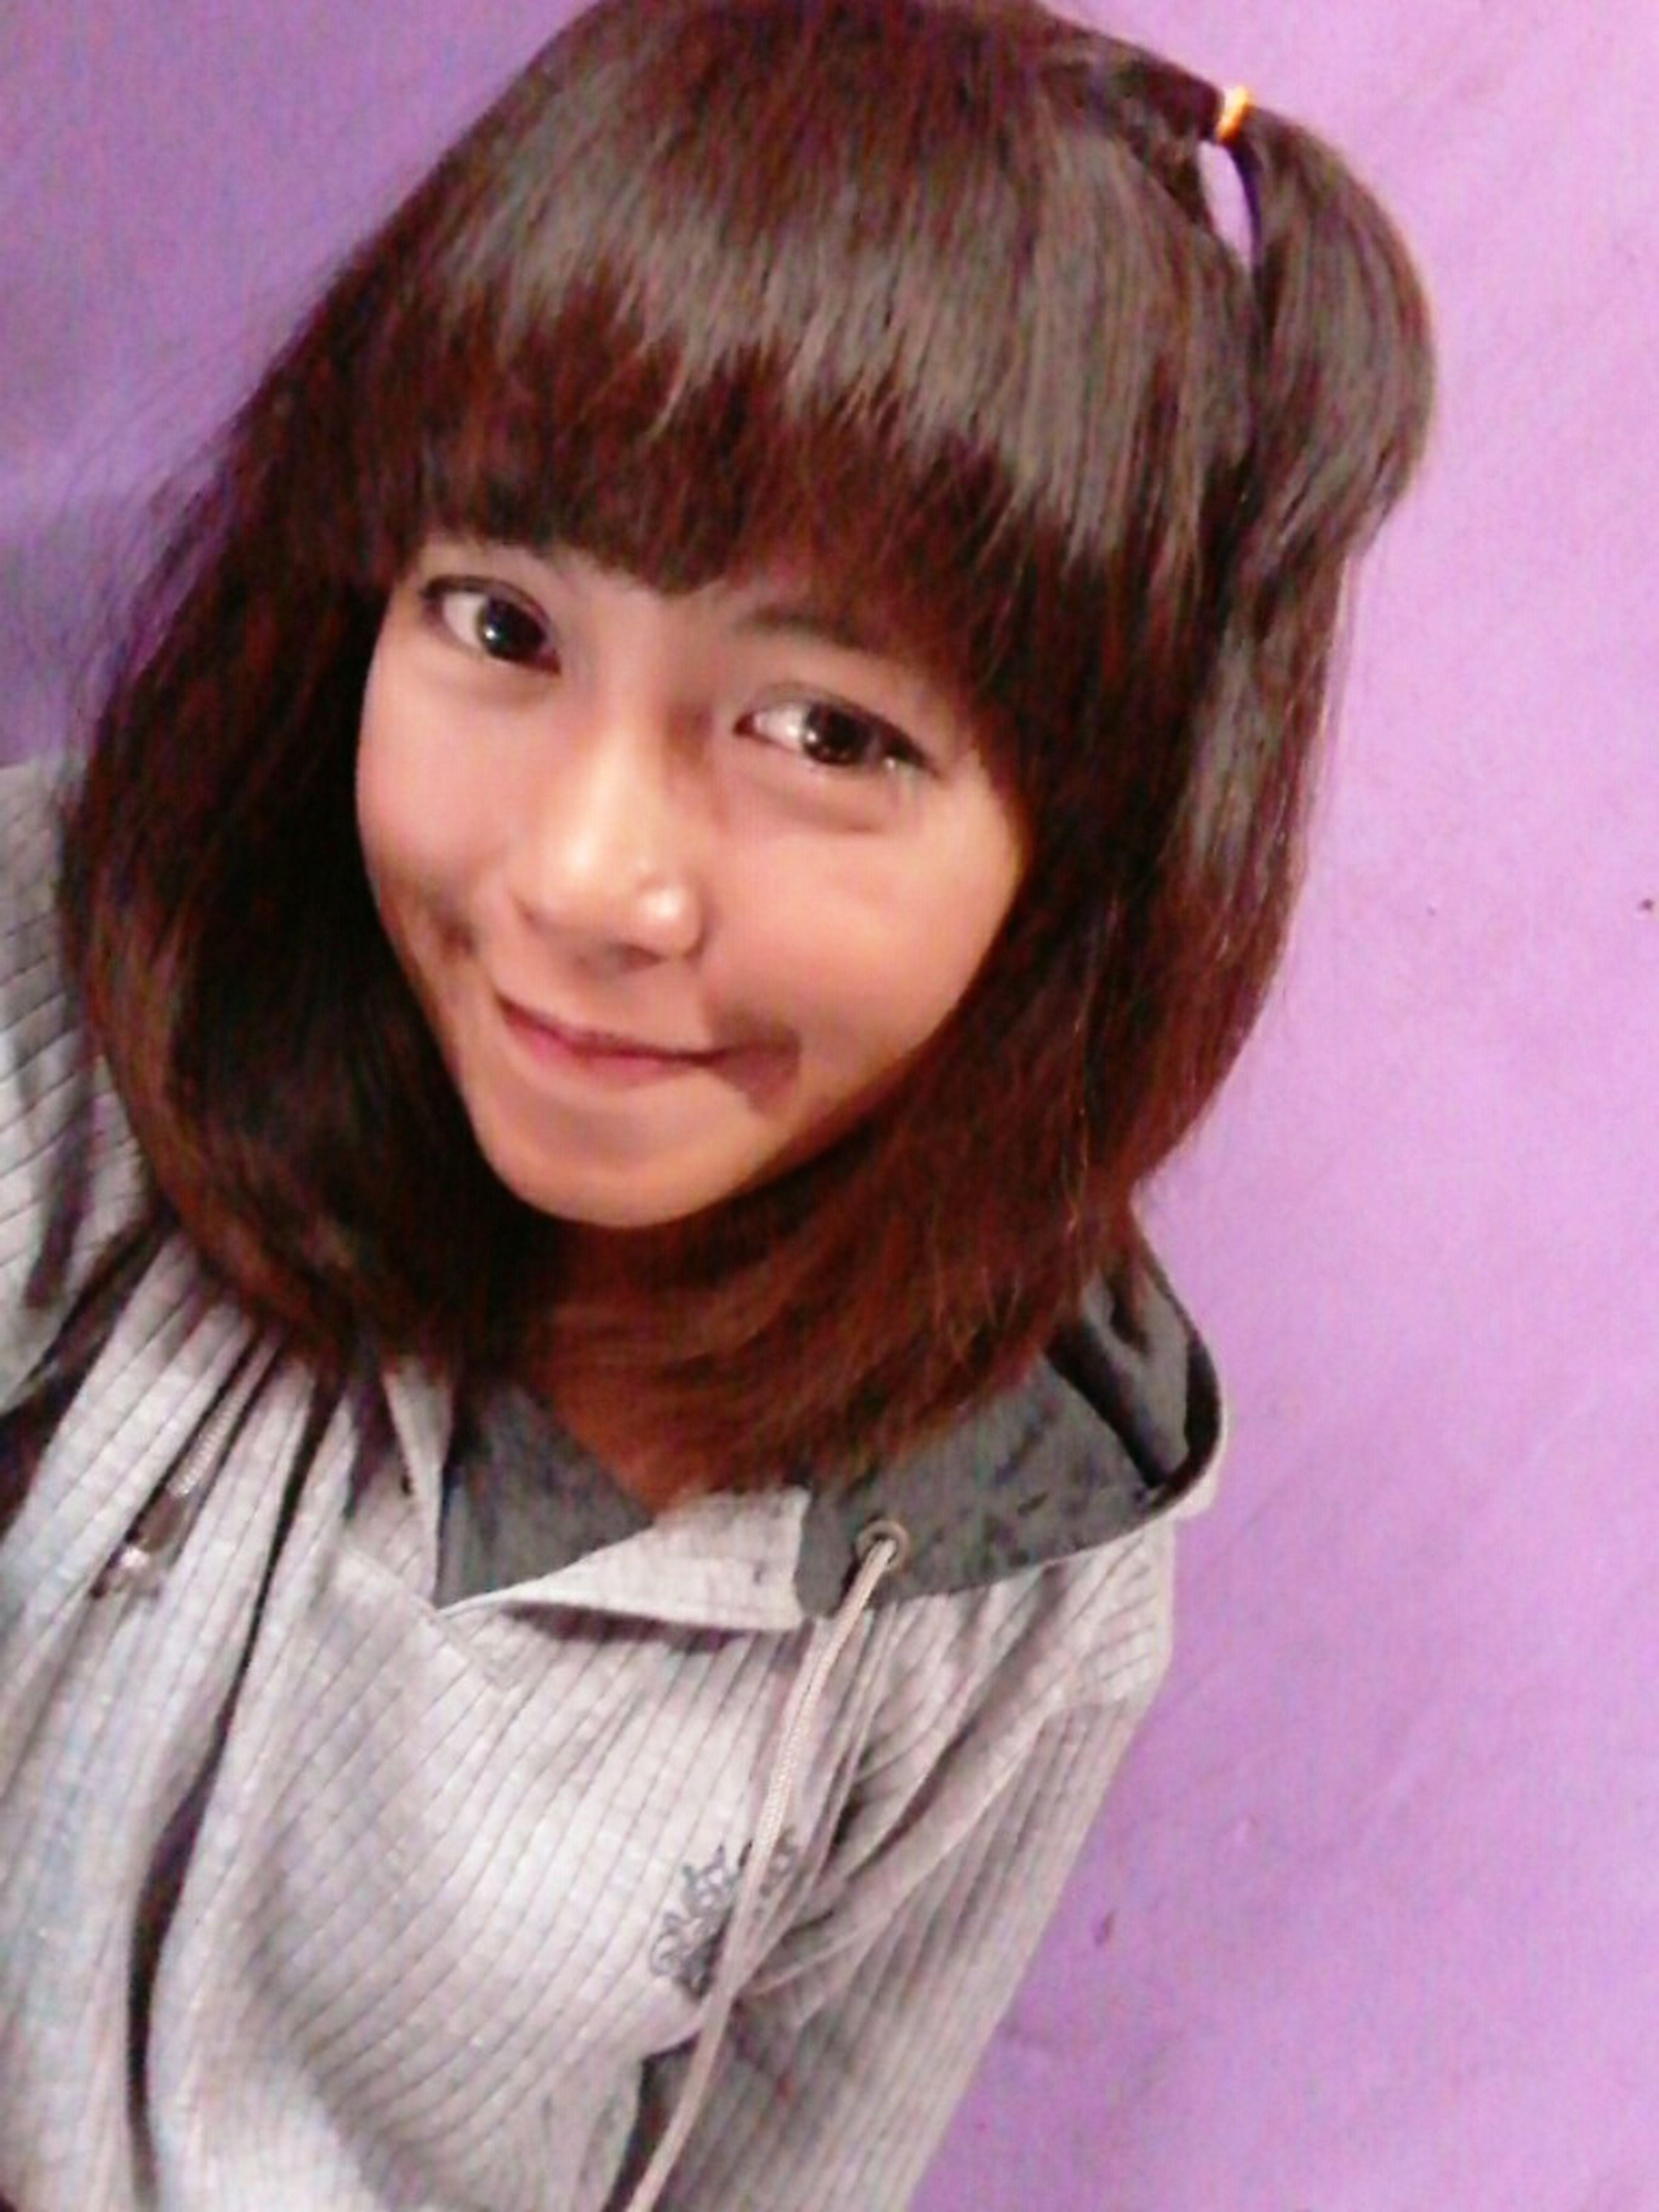 My new hair Fashion Hair New Haircut Hairstyle Golden Brown Hair Brown Hair